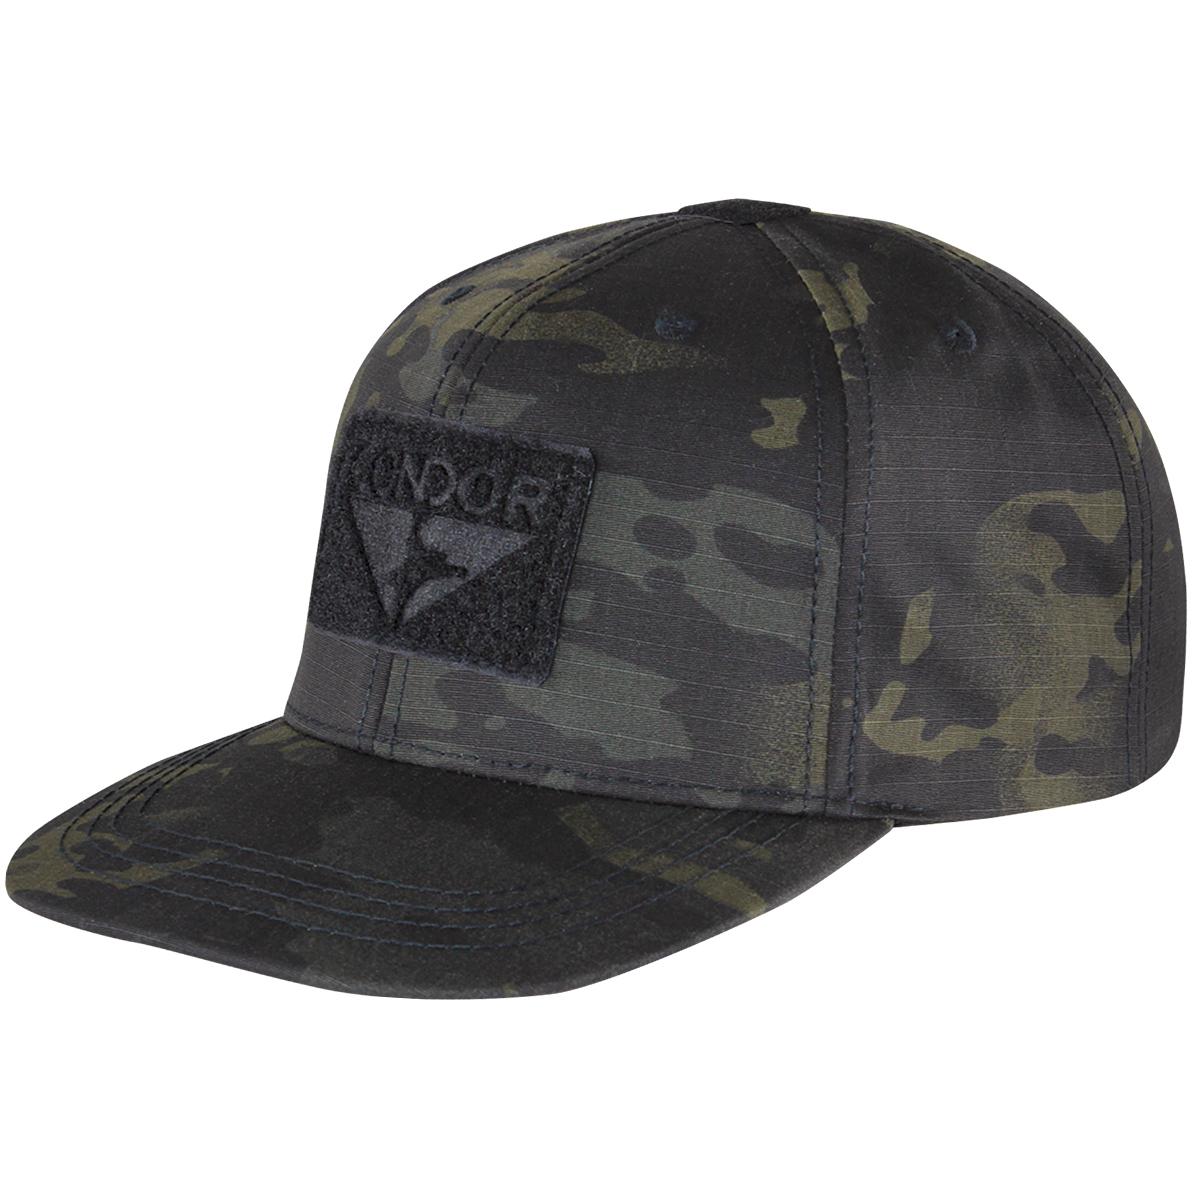 Sentinel Condor Flat Bill Snapback Cap Baseball Mens Tactical Hat MultiCam  Black Camo 59662500990c